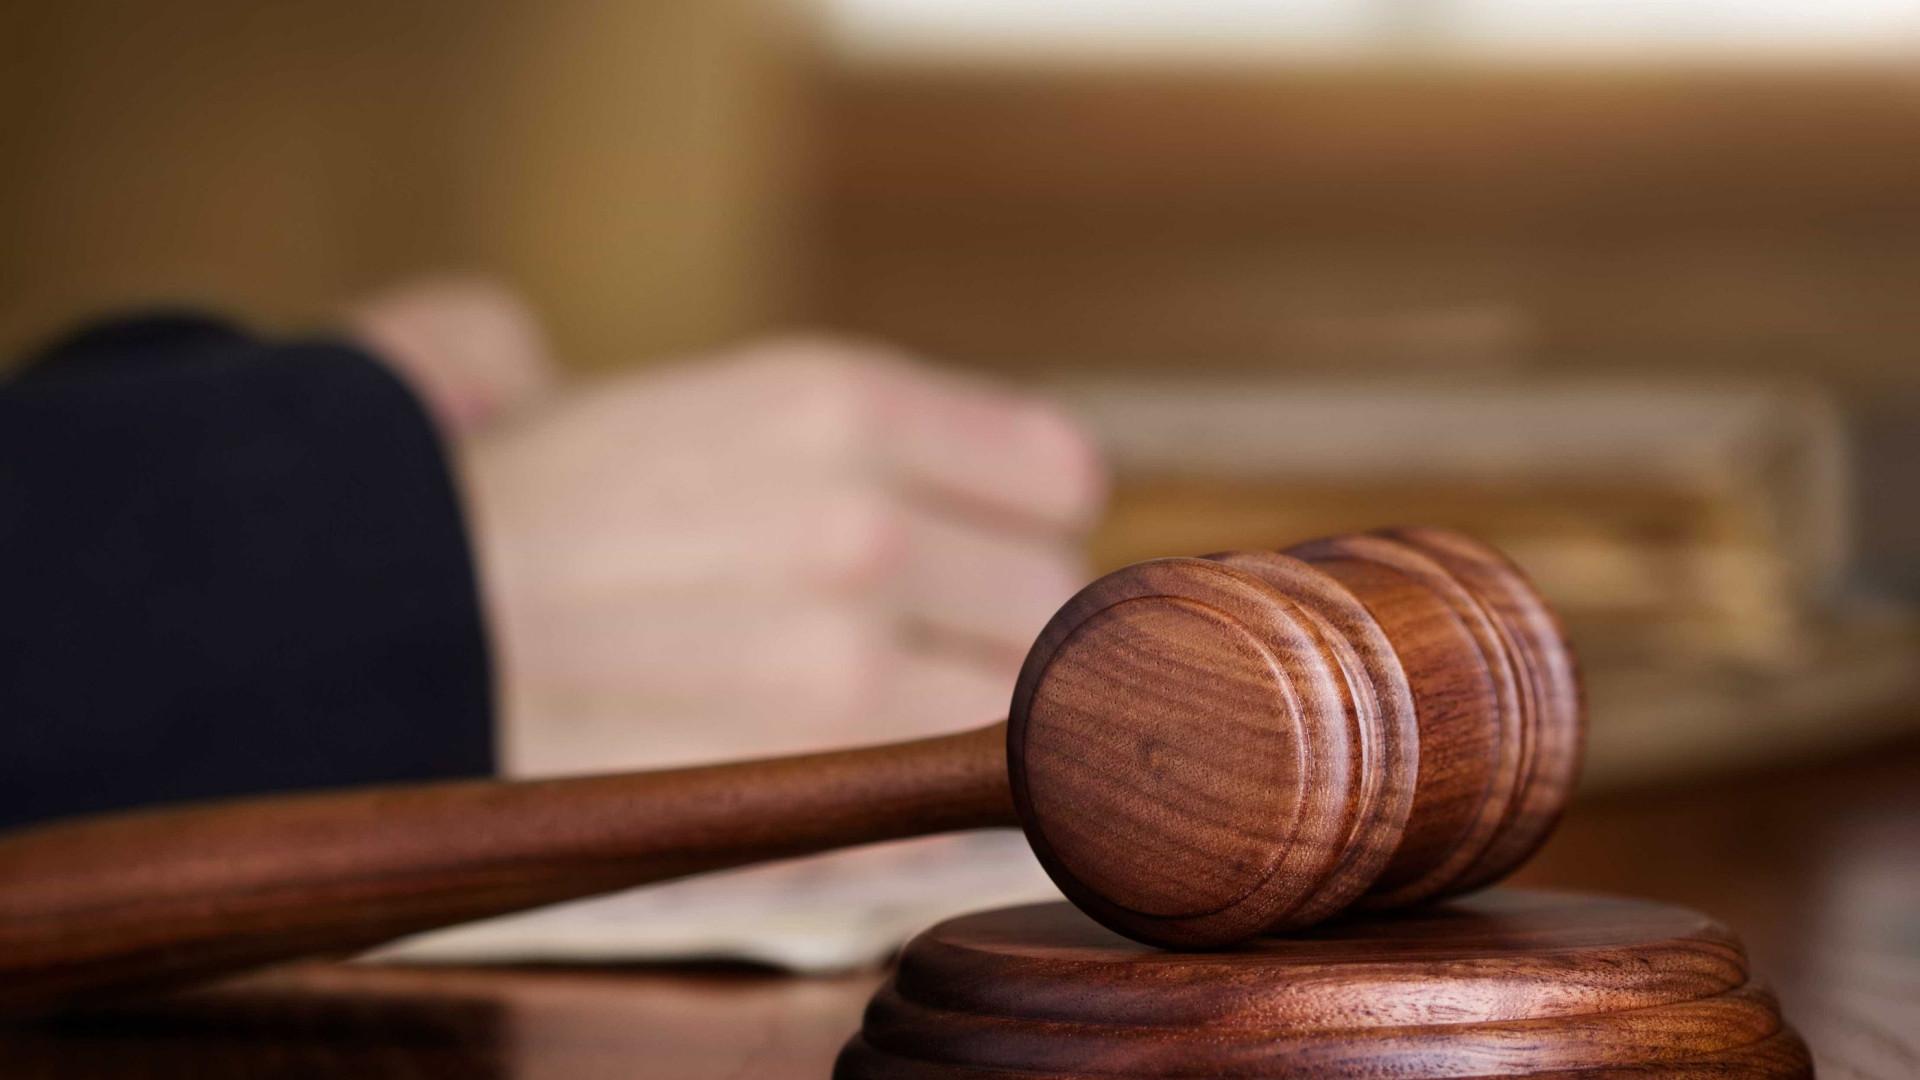 Criou site falso de banco e foi condenado a sete anos e meio de prisão